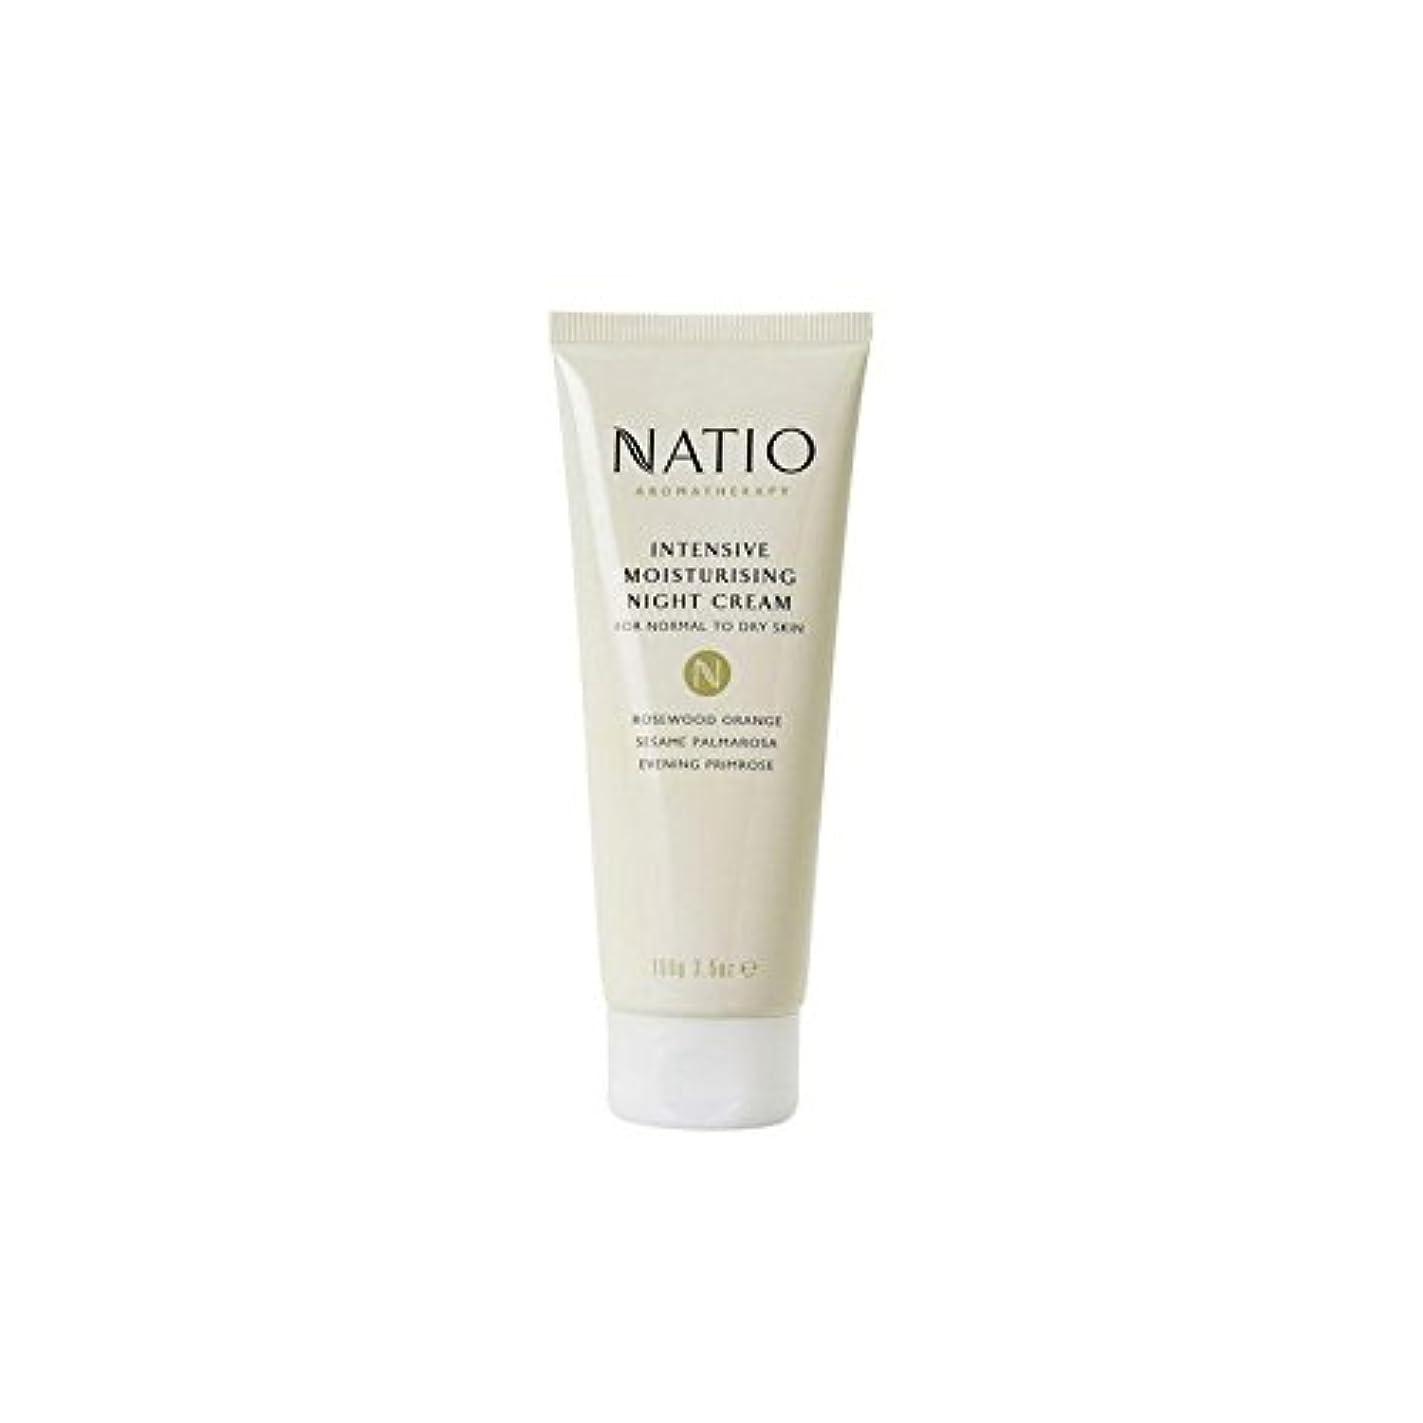 証明する眼アパートNatio Intensive Moisturising Night Cream (100G) (Pack of 6) - 集中的な保湿ナイトクリーム(100グラム) x6 [並行輸入品]